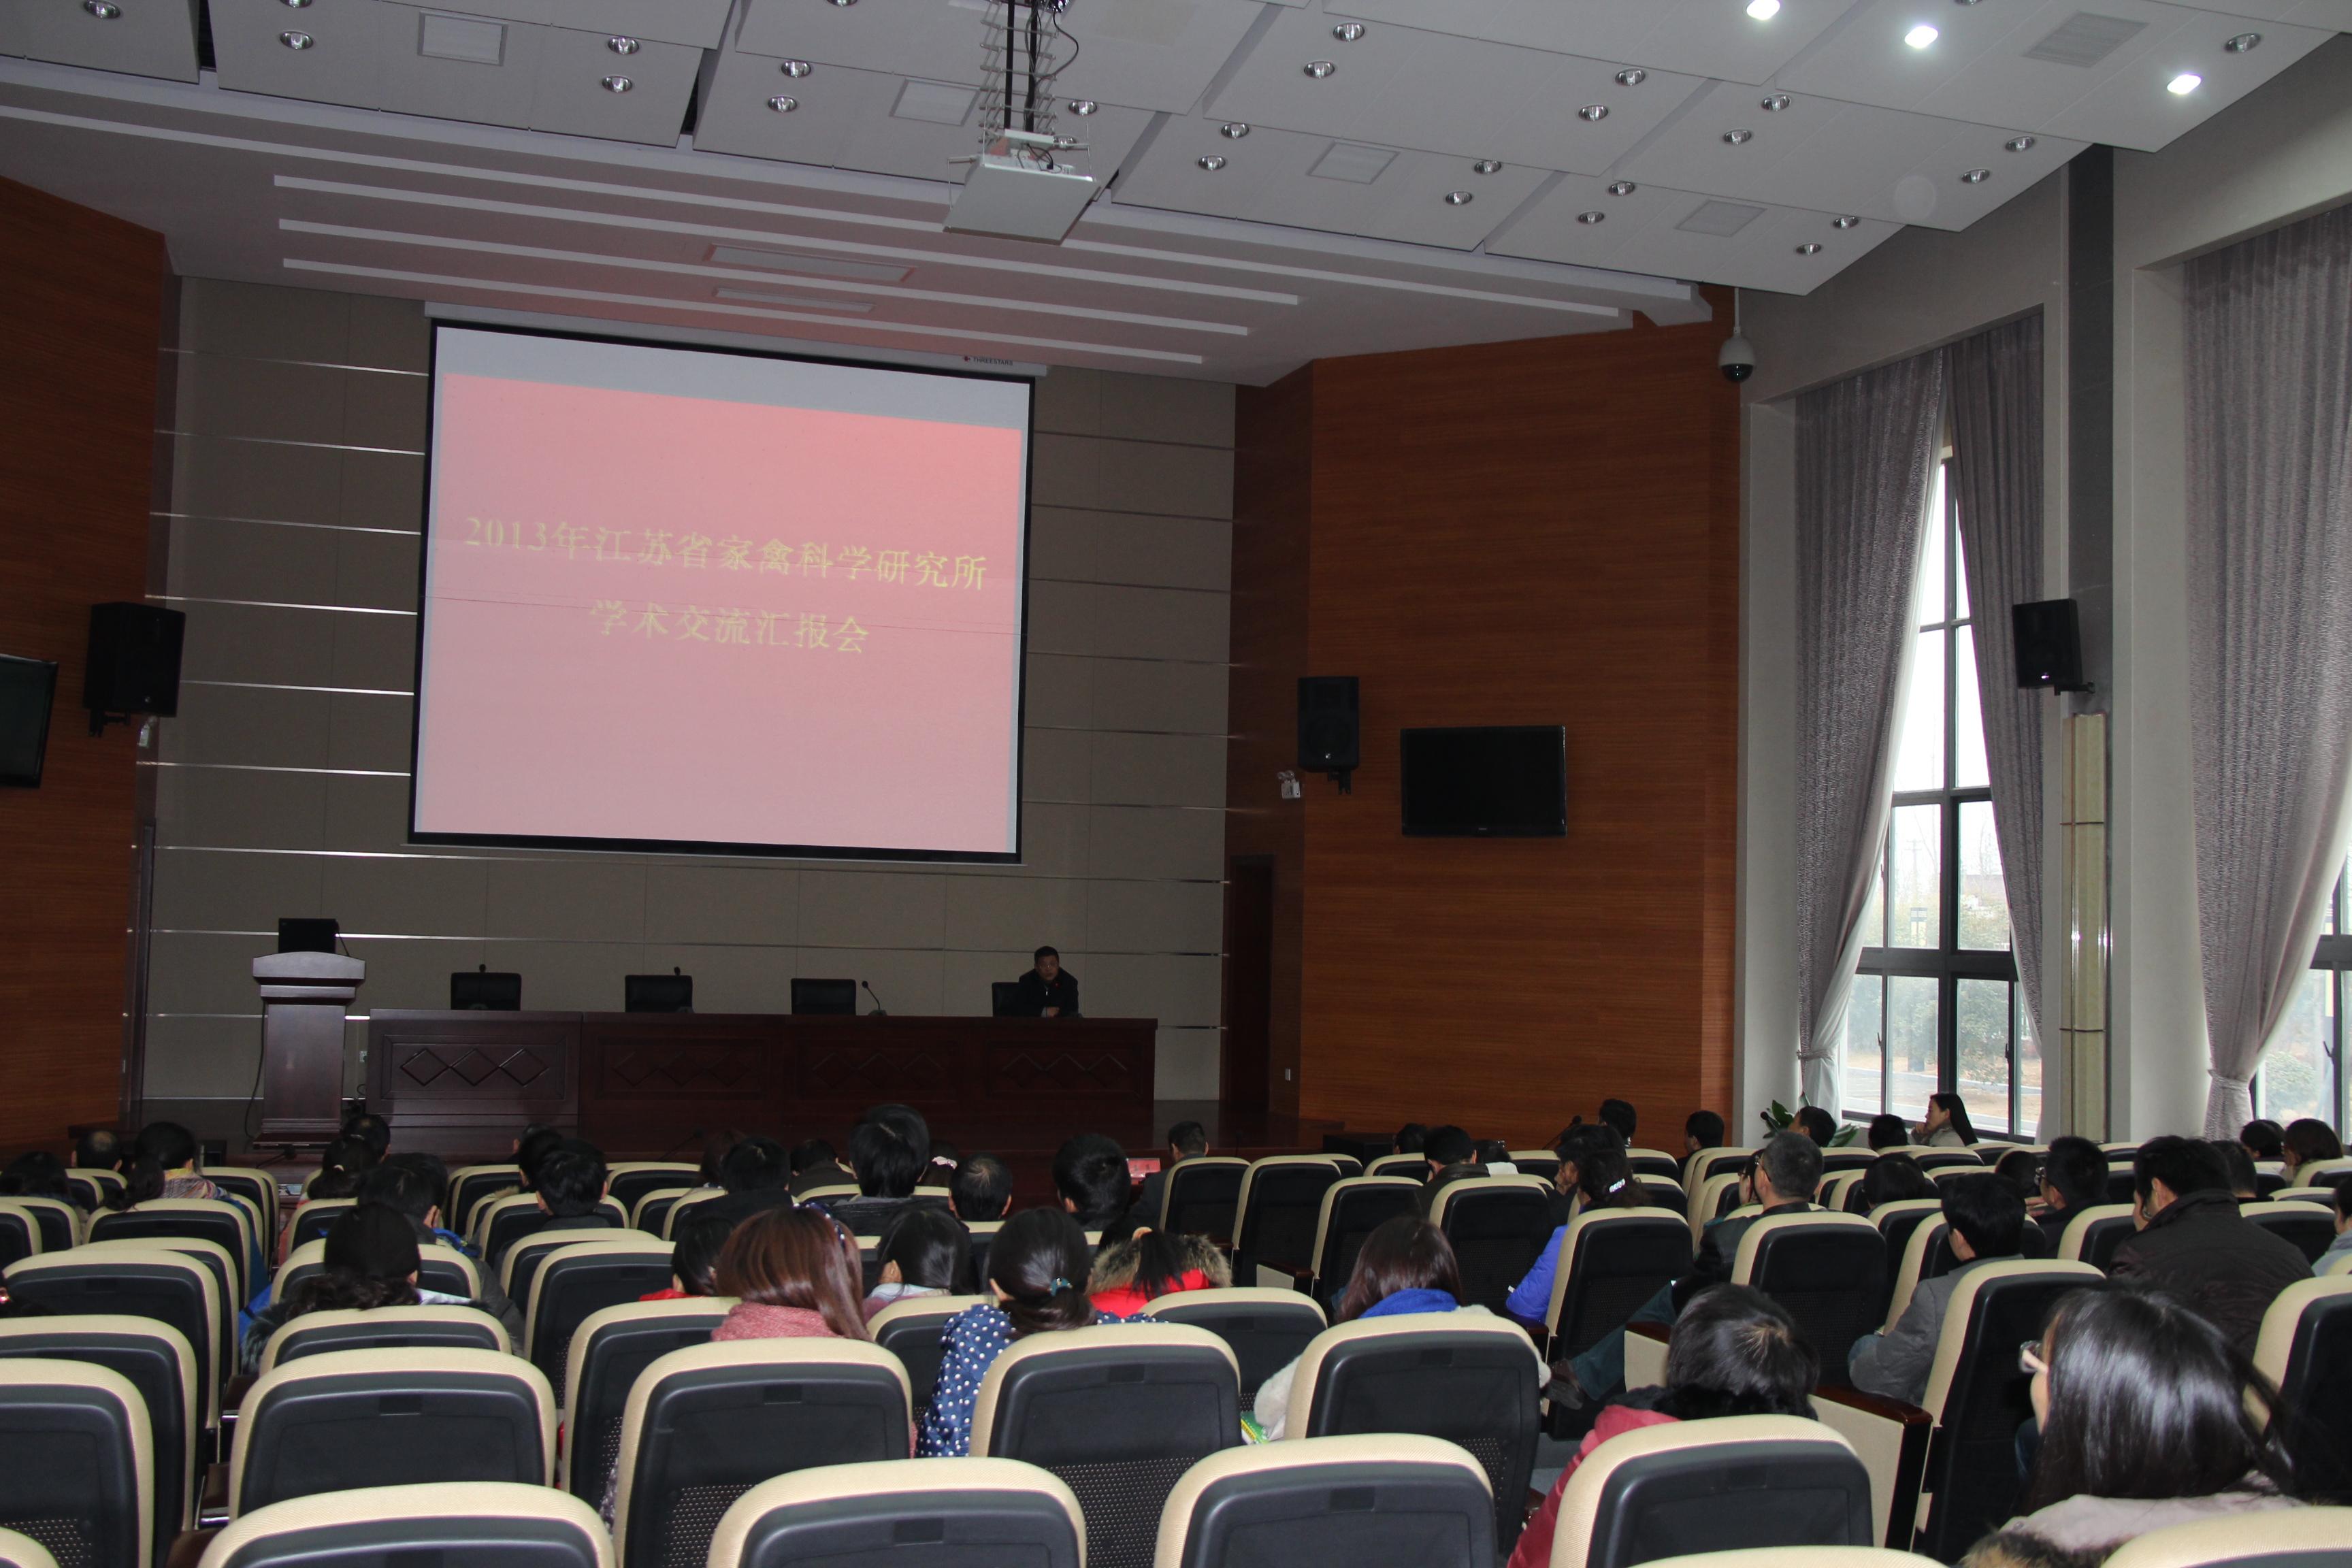 学术交流会议背景